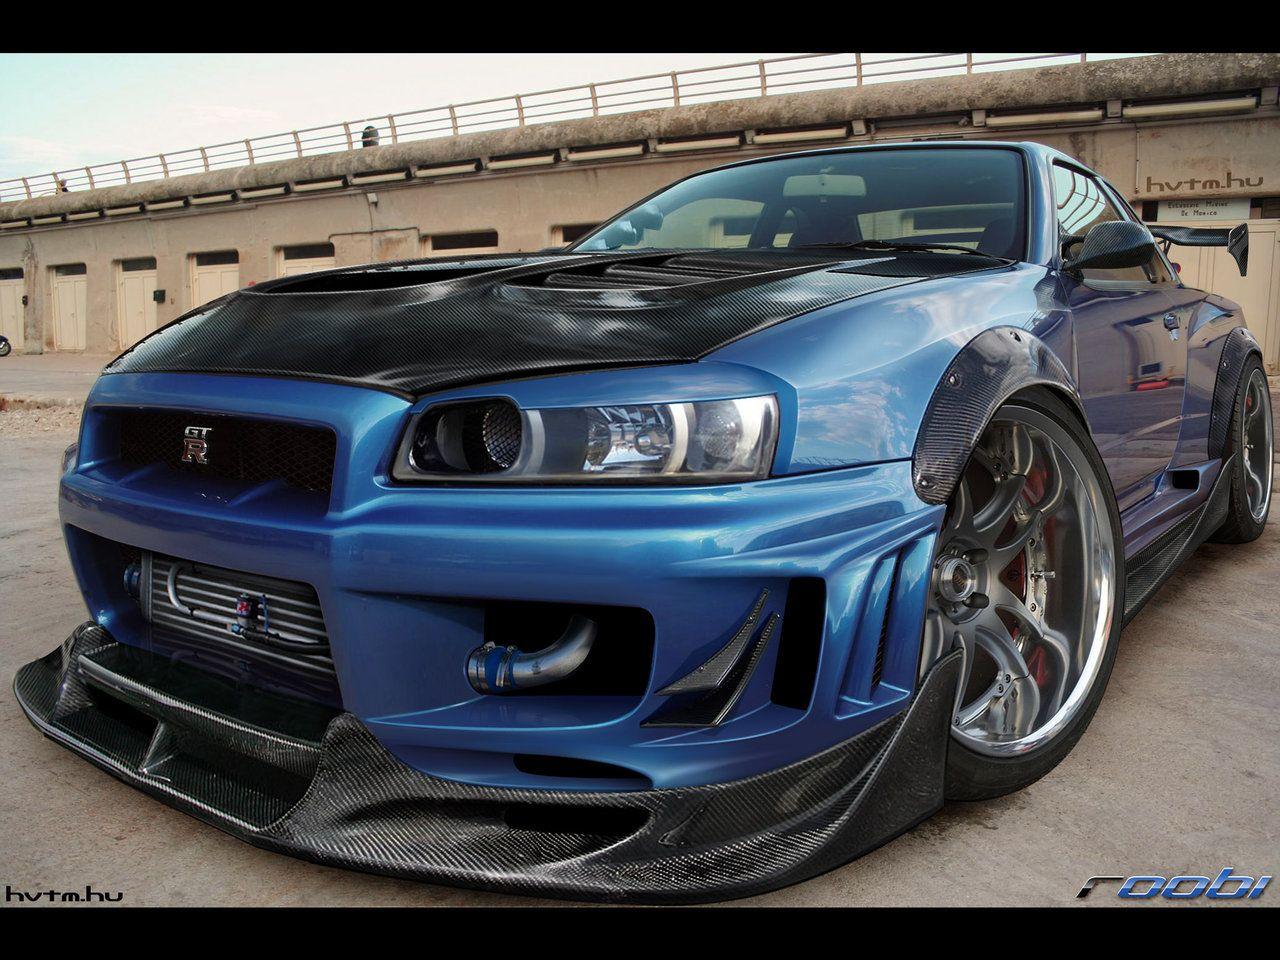 Nissan skyline gt r dressed in carbon fiber